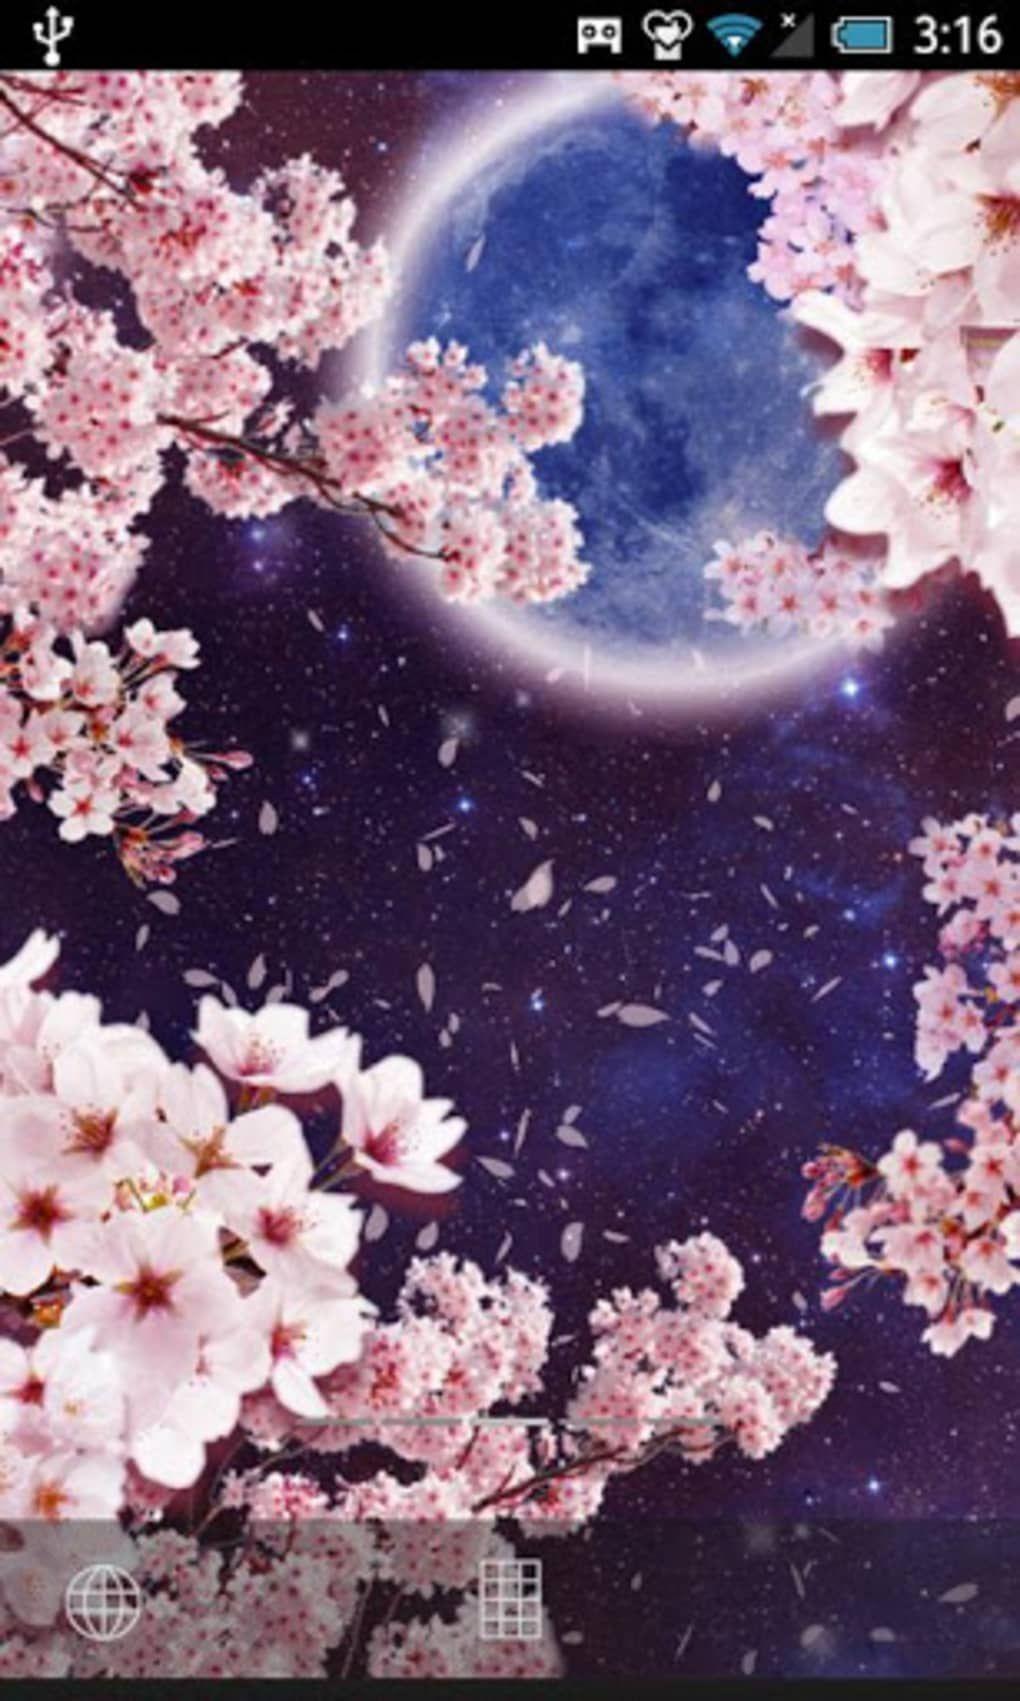 月桜ライブ壁紙 For Android ダウンロード 植物のスケッチ 桜の壁紙 桜イラスト